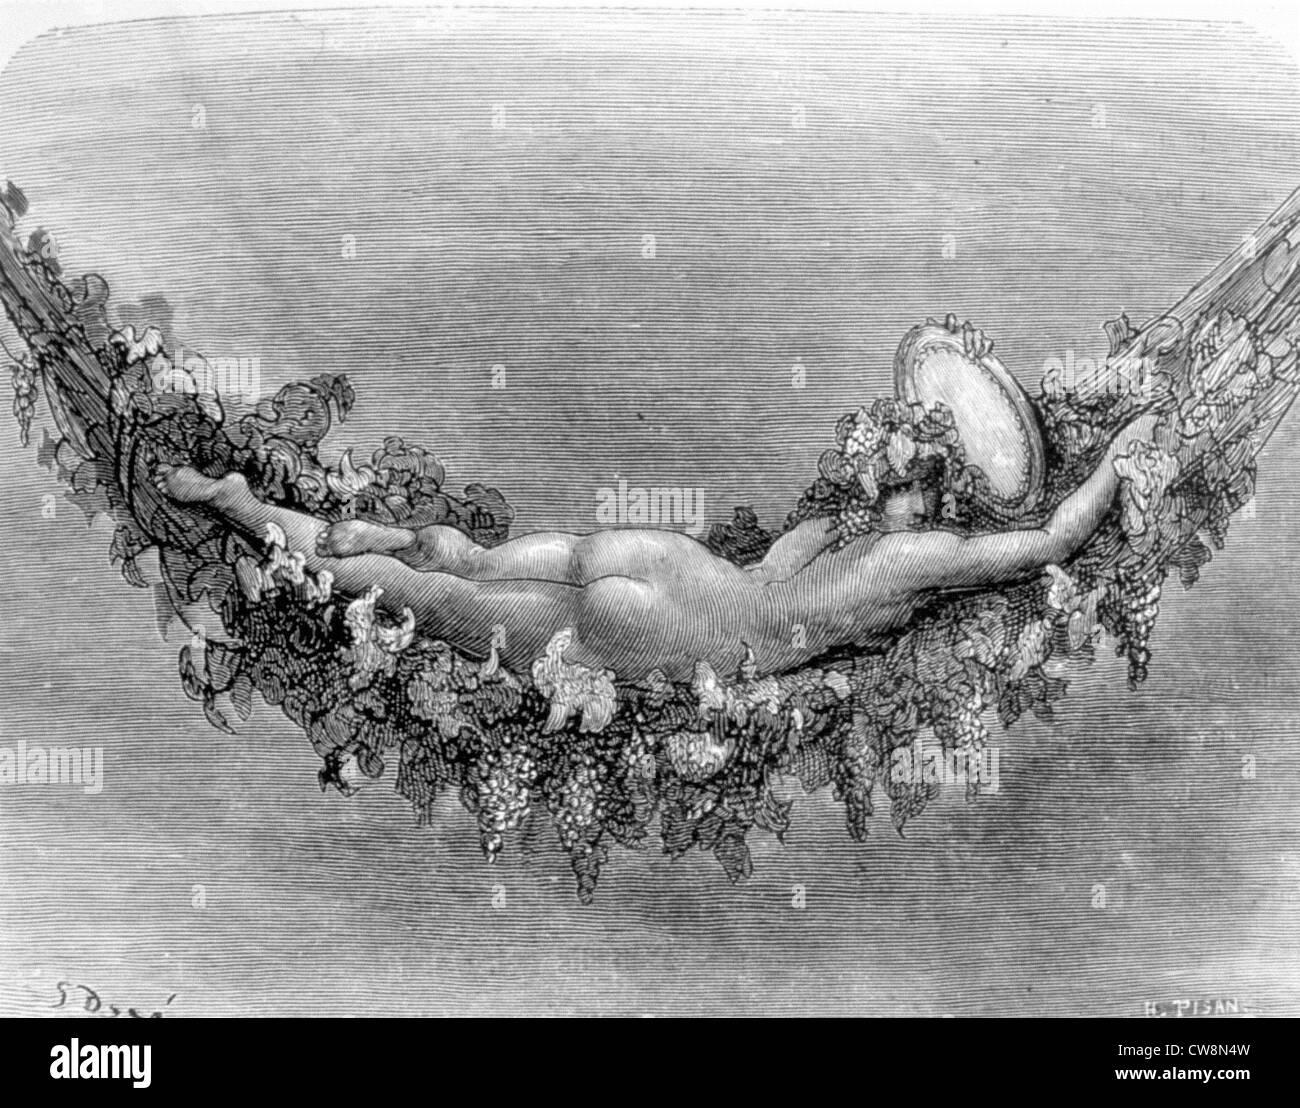 Rabelais, illustrazione di Gustave Doré Immagini Stock